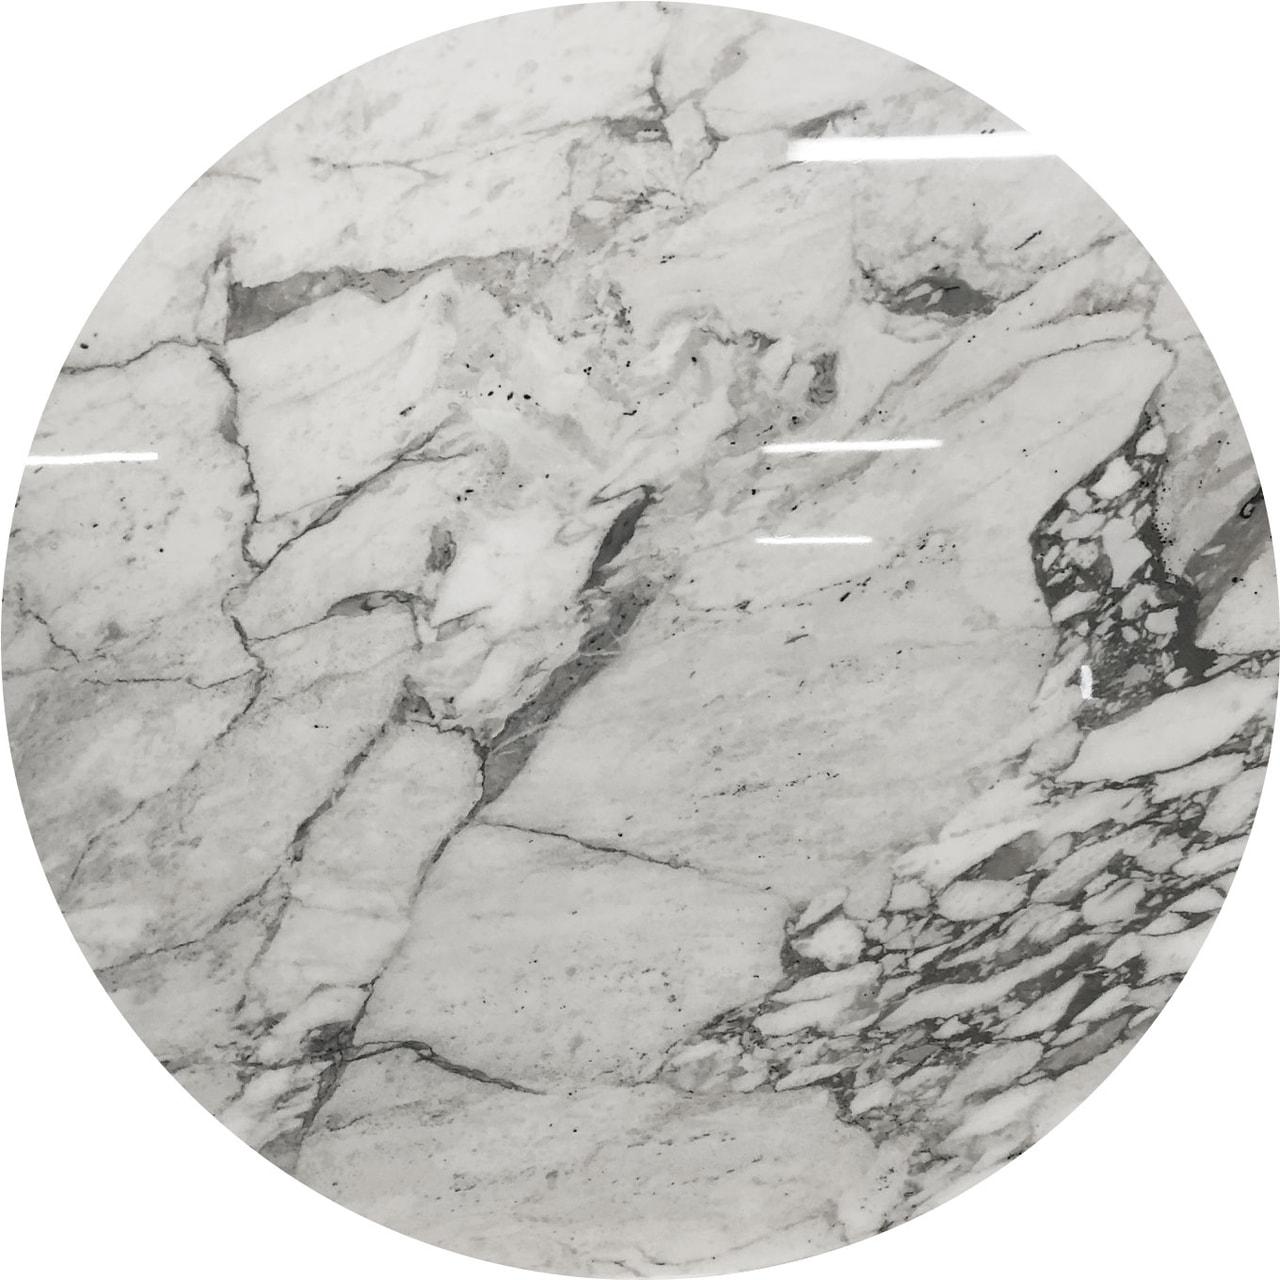 Saarinen Collection Round Tables(サーリネンテーブル)Φ1370mm アラベスカート 164TRMA2 (014)